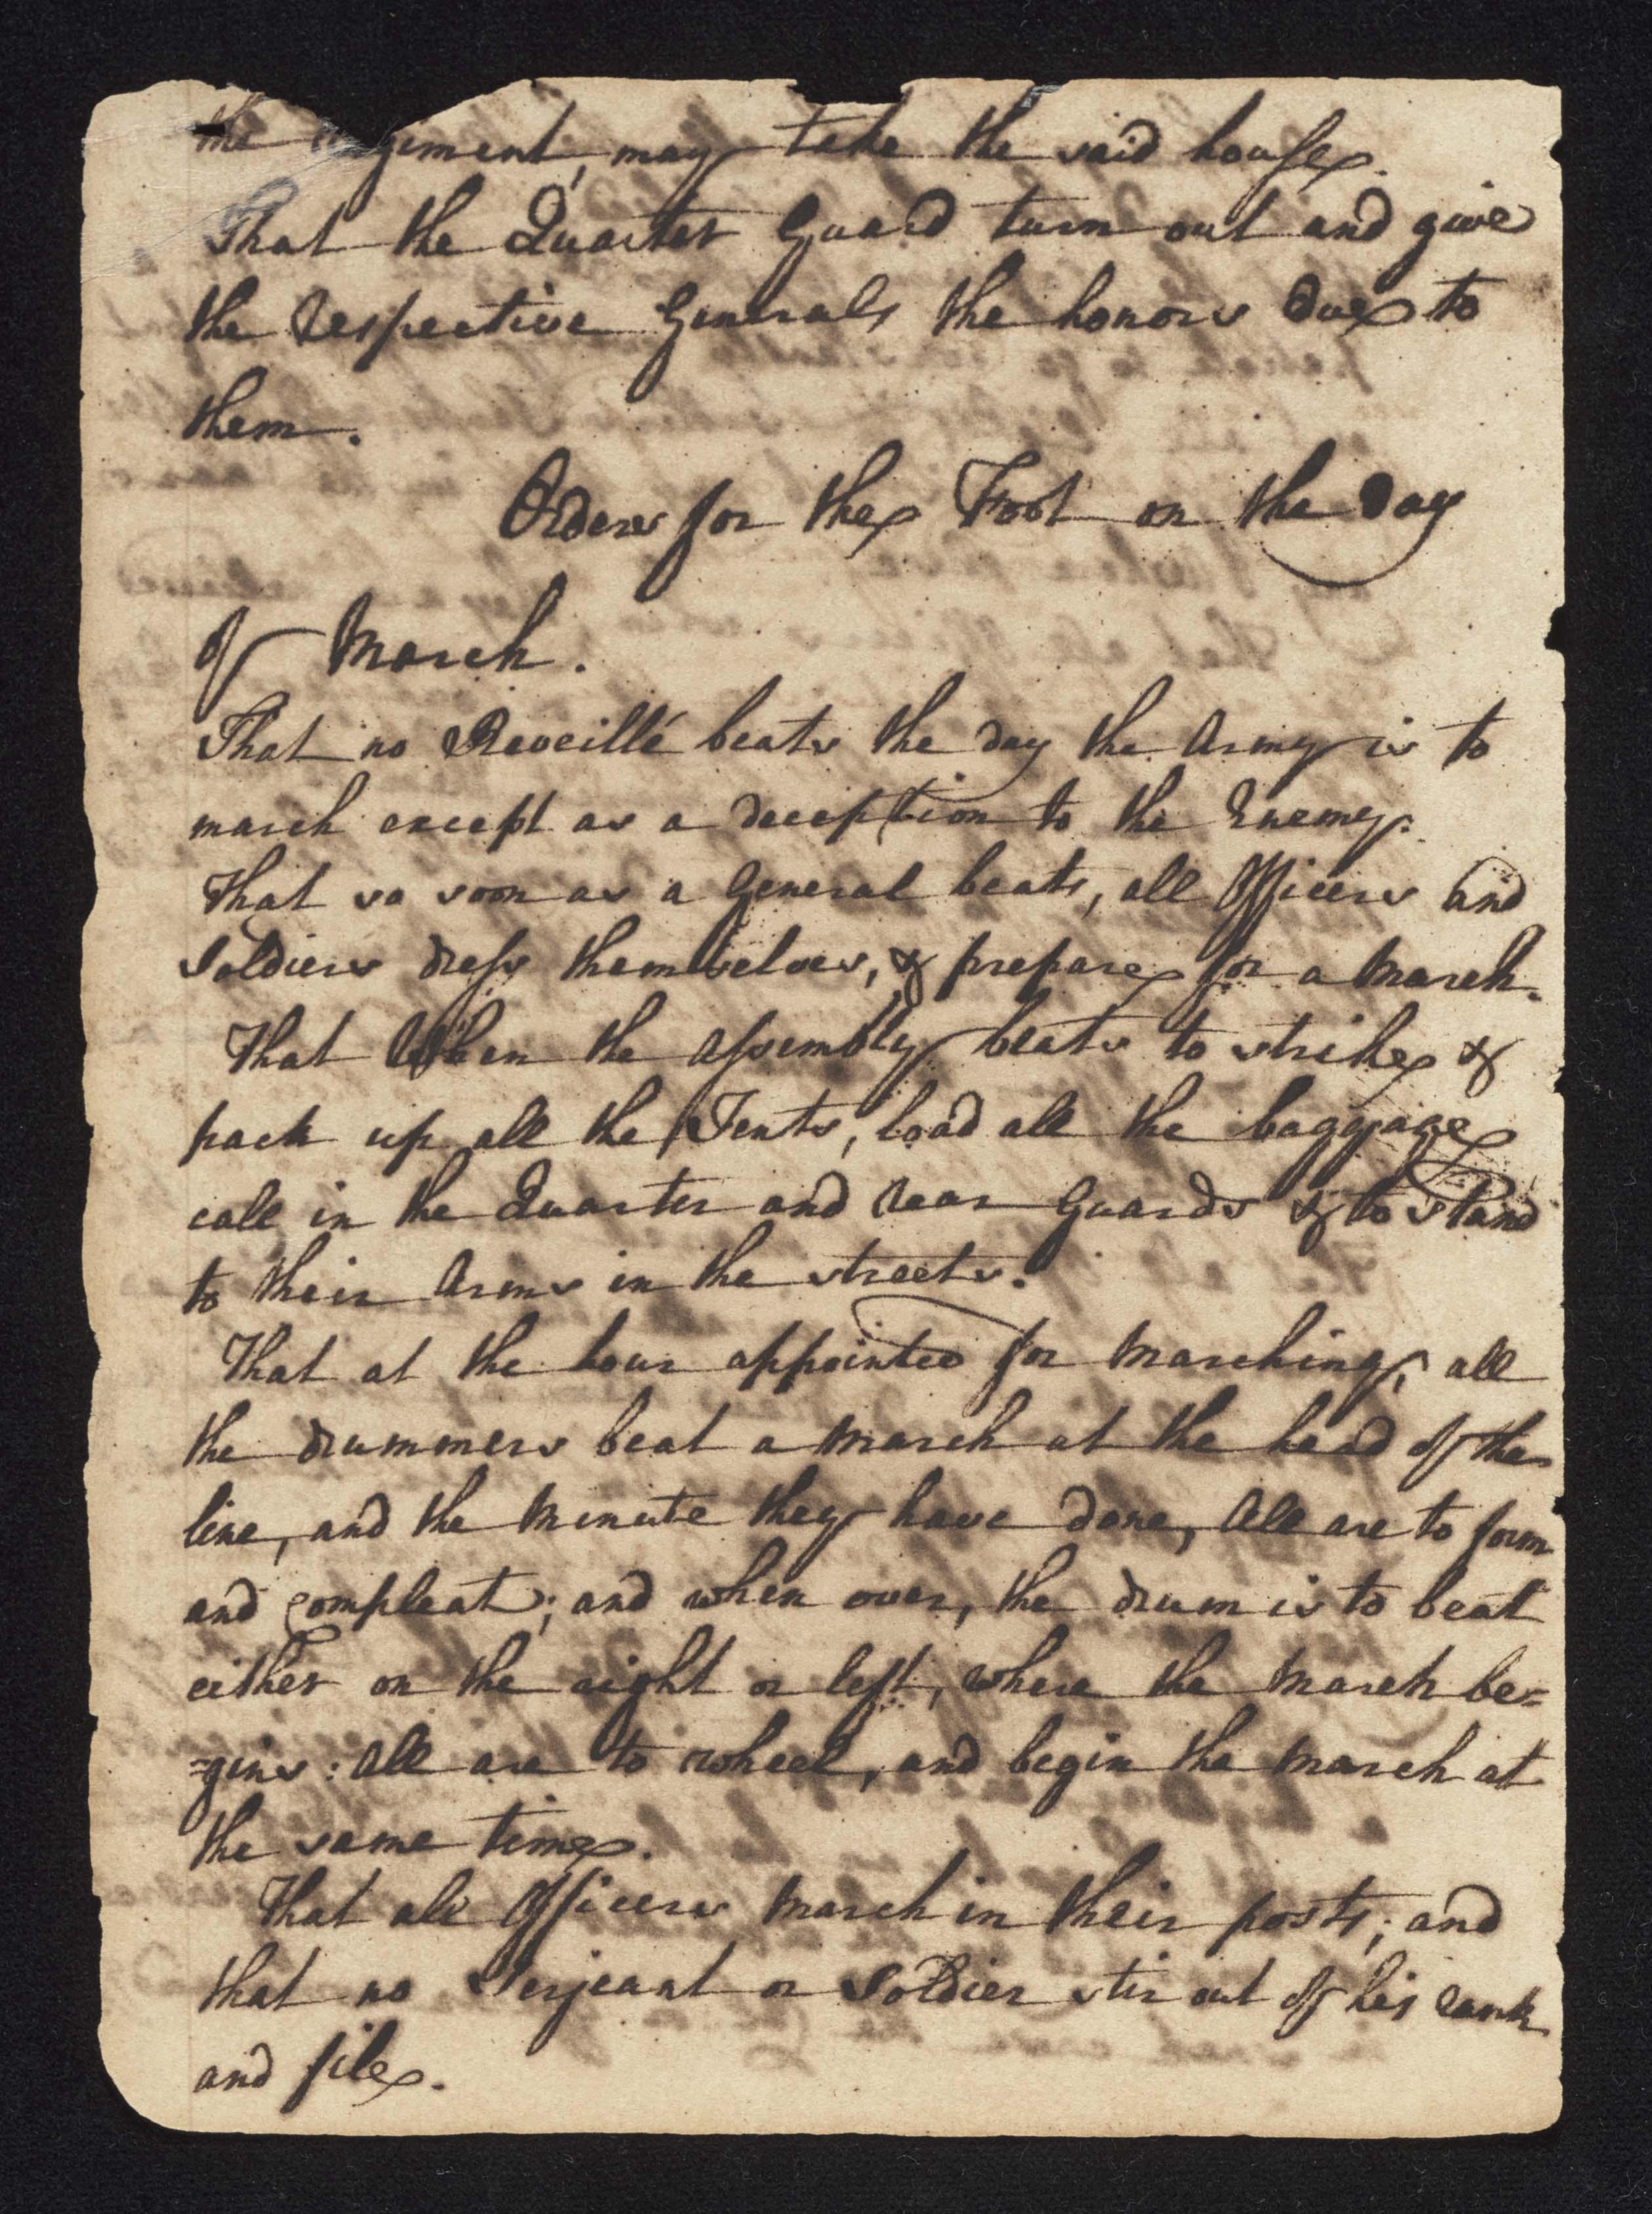 South Carolina Regiment Order Book, Page 6